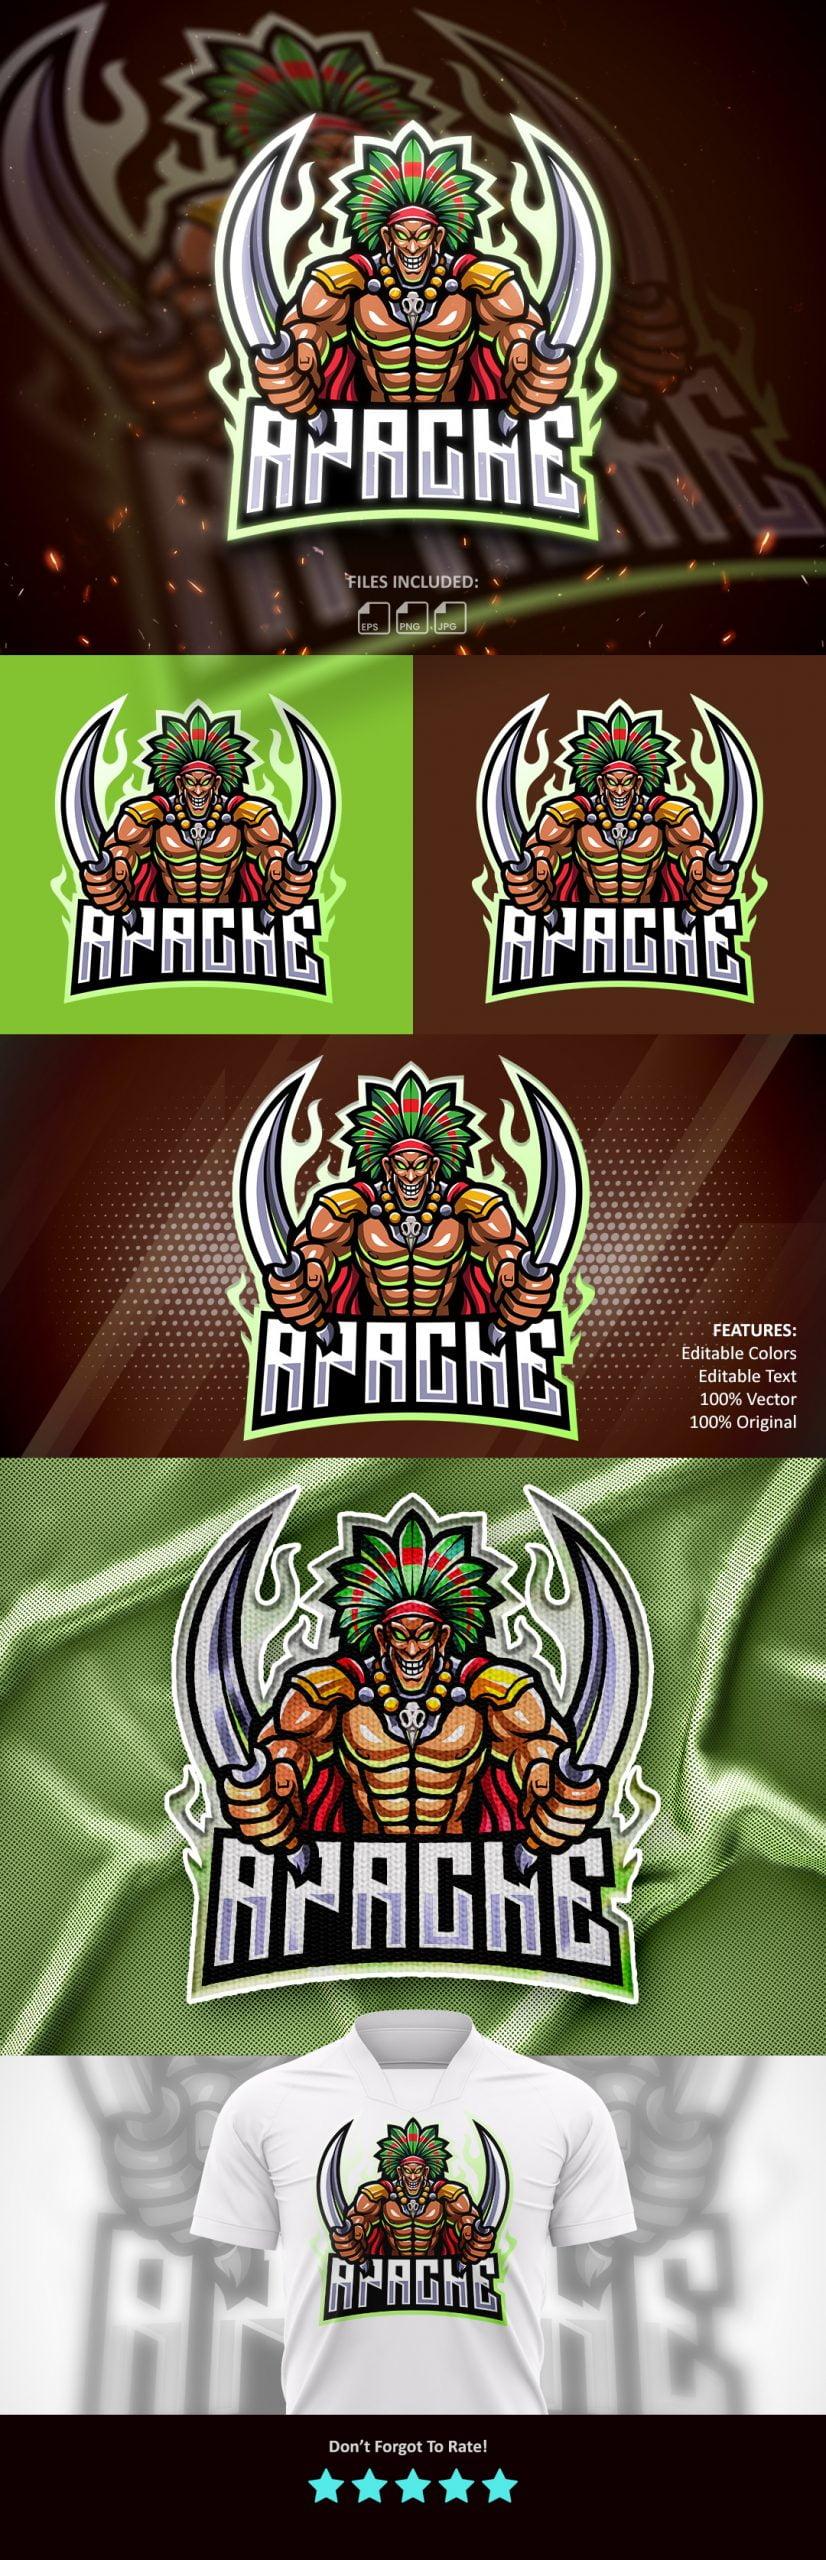 Free-Apache-Mascot-Logo-Download